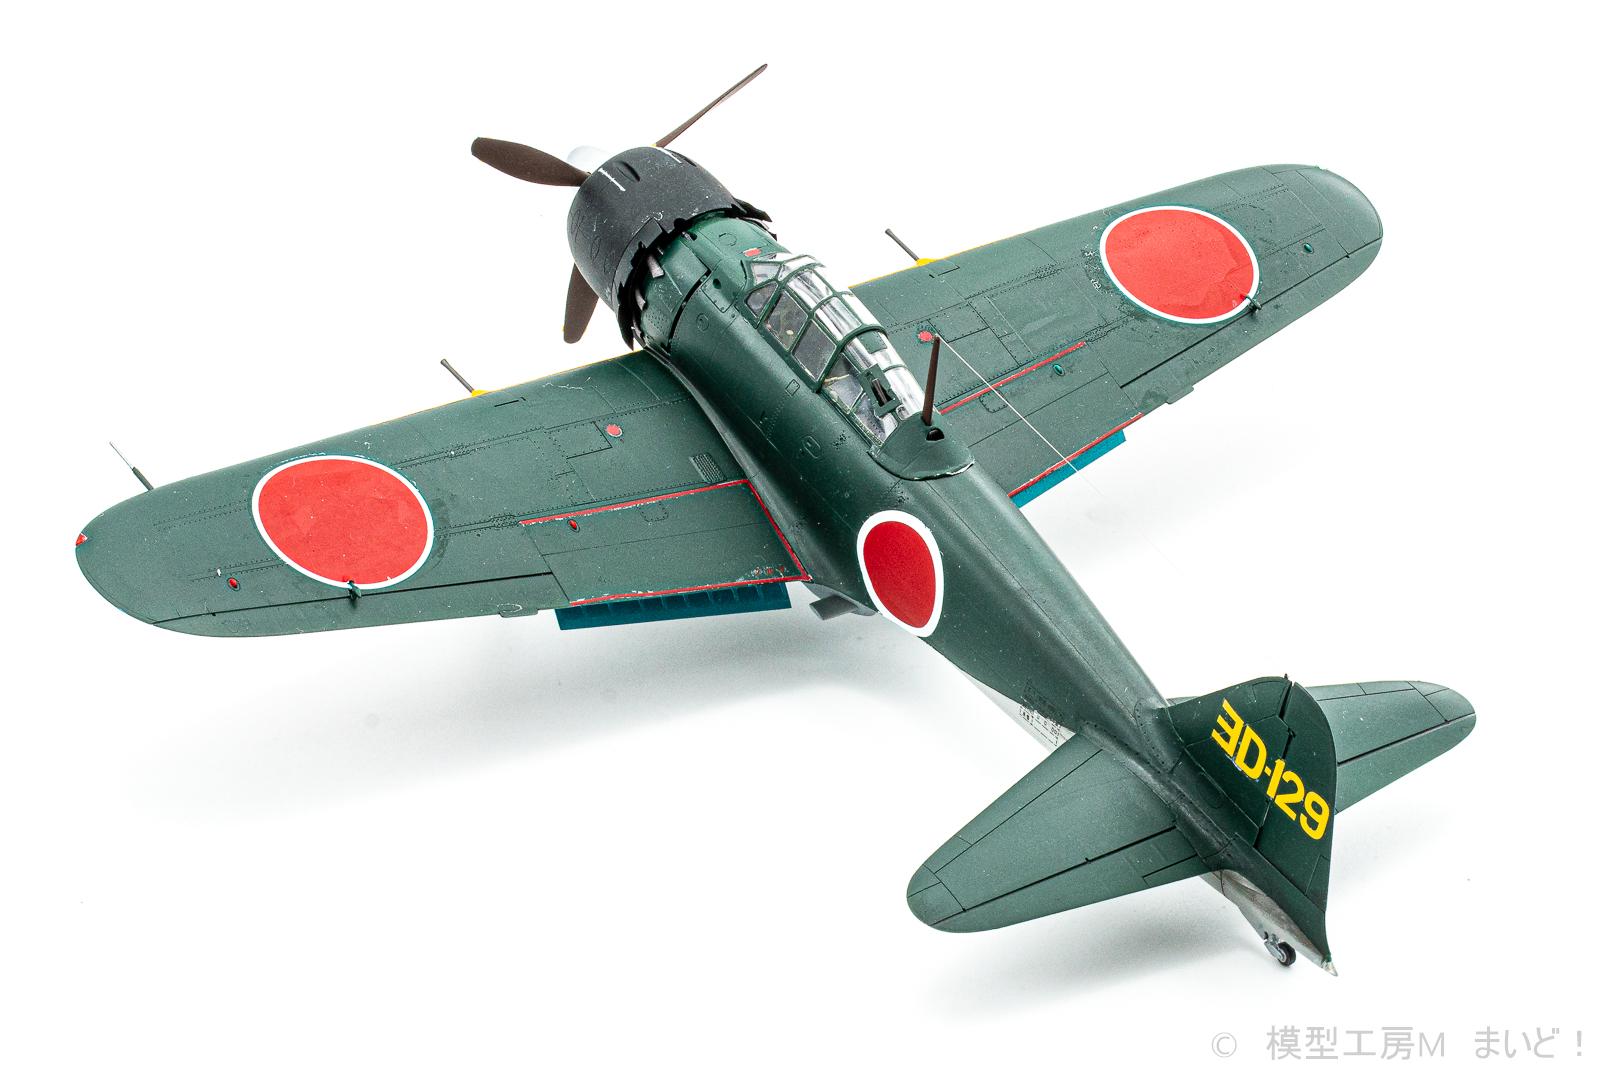 タミヤ 1/48 零式艦上戦闘機五二型 プラモデル 改造 零夜戦 完成品